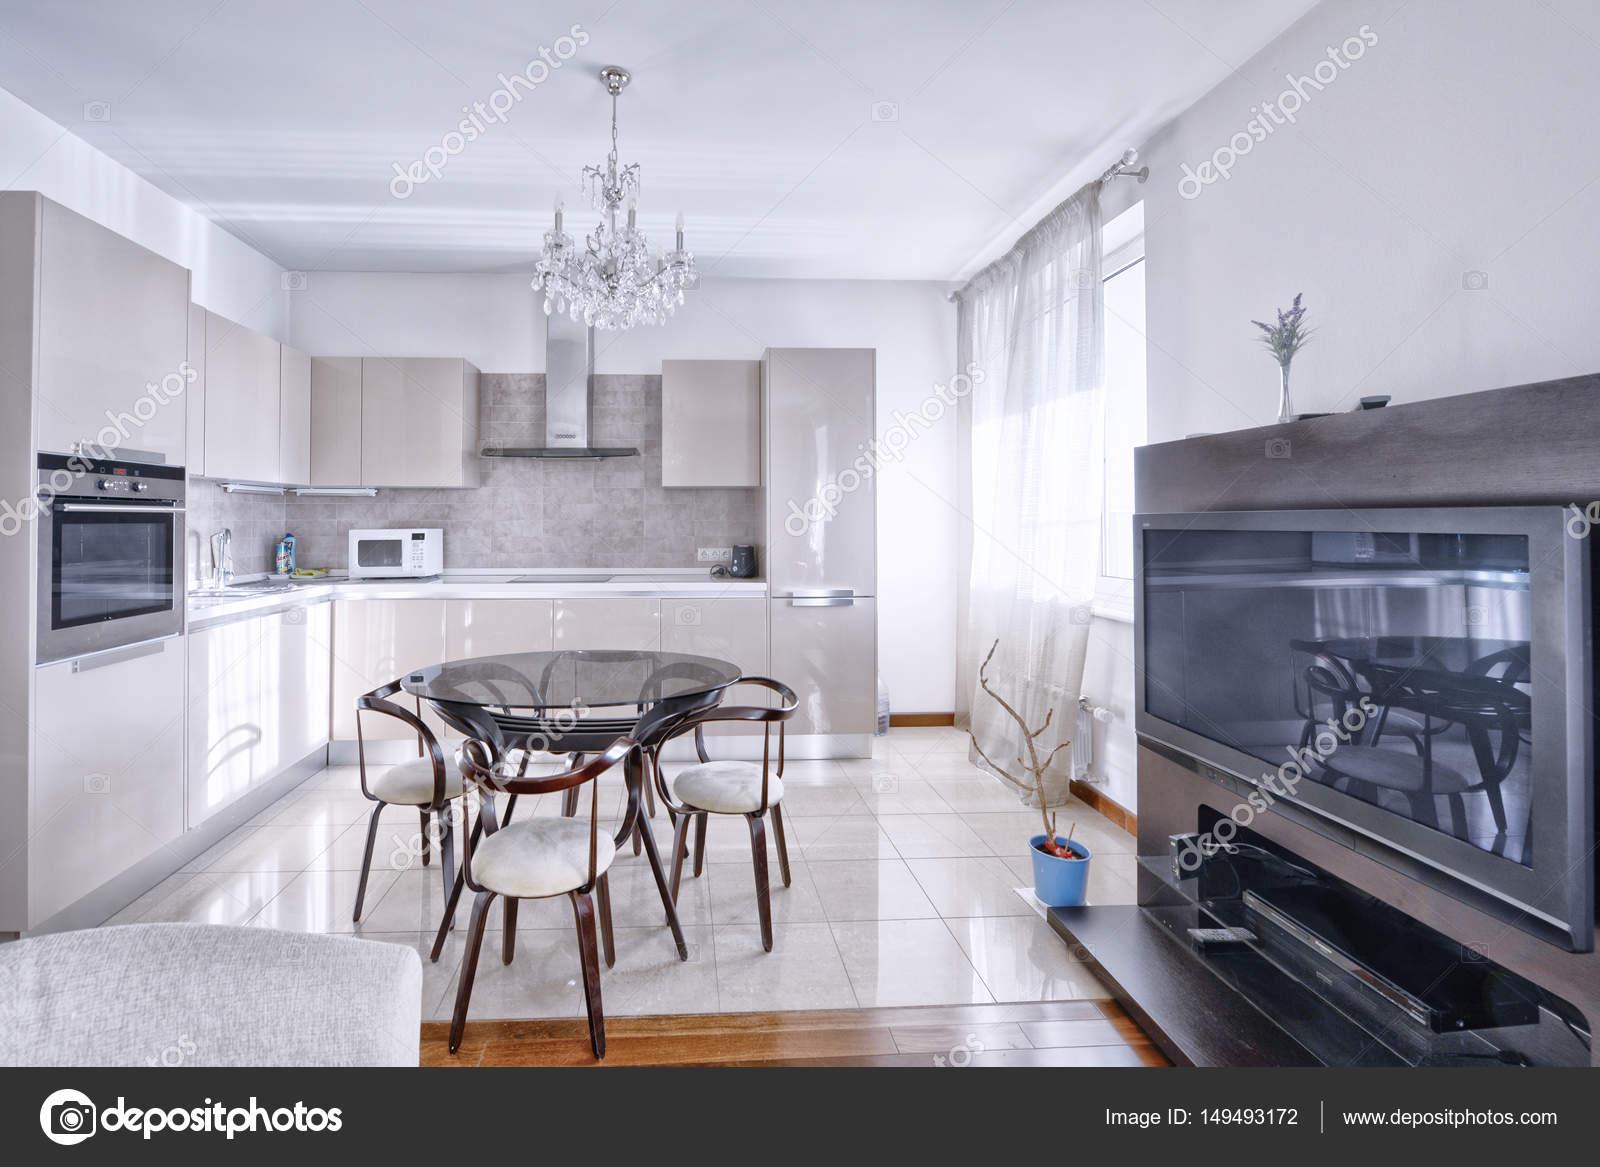 Interior design cucina - soggiorno — Foto Stock ...